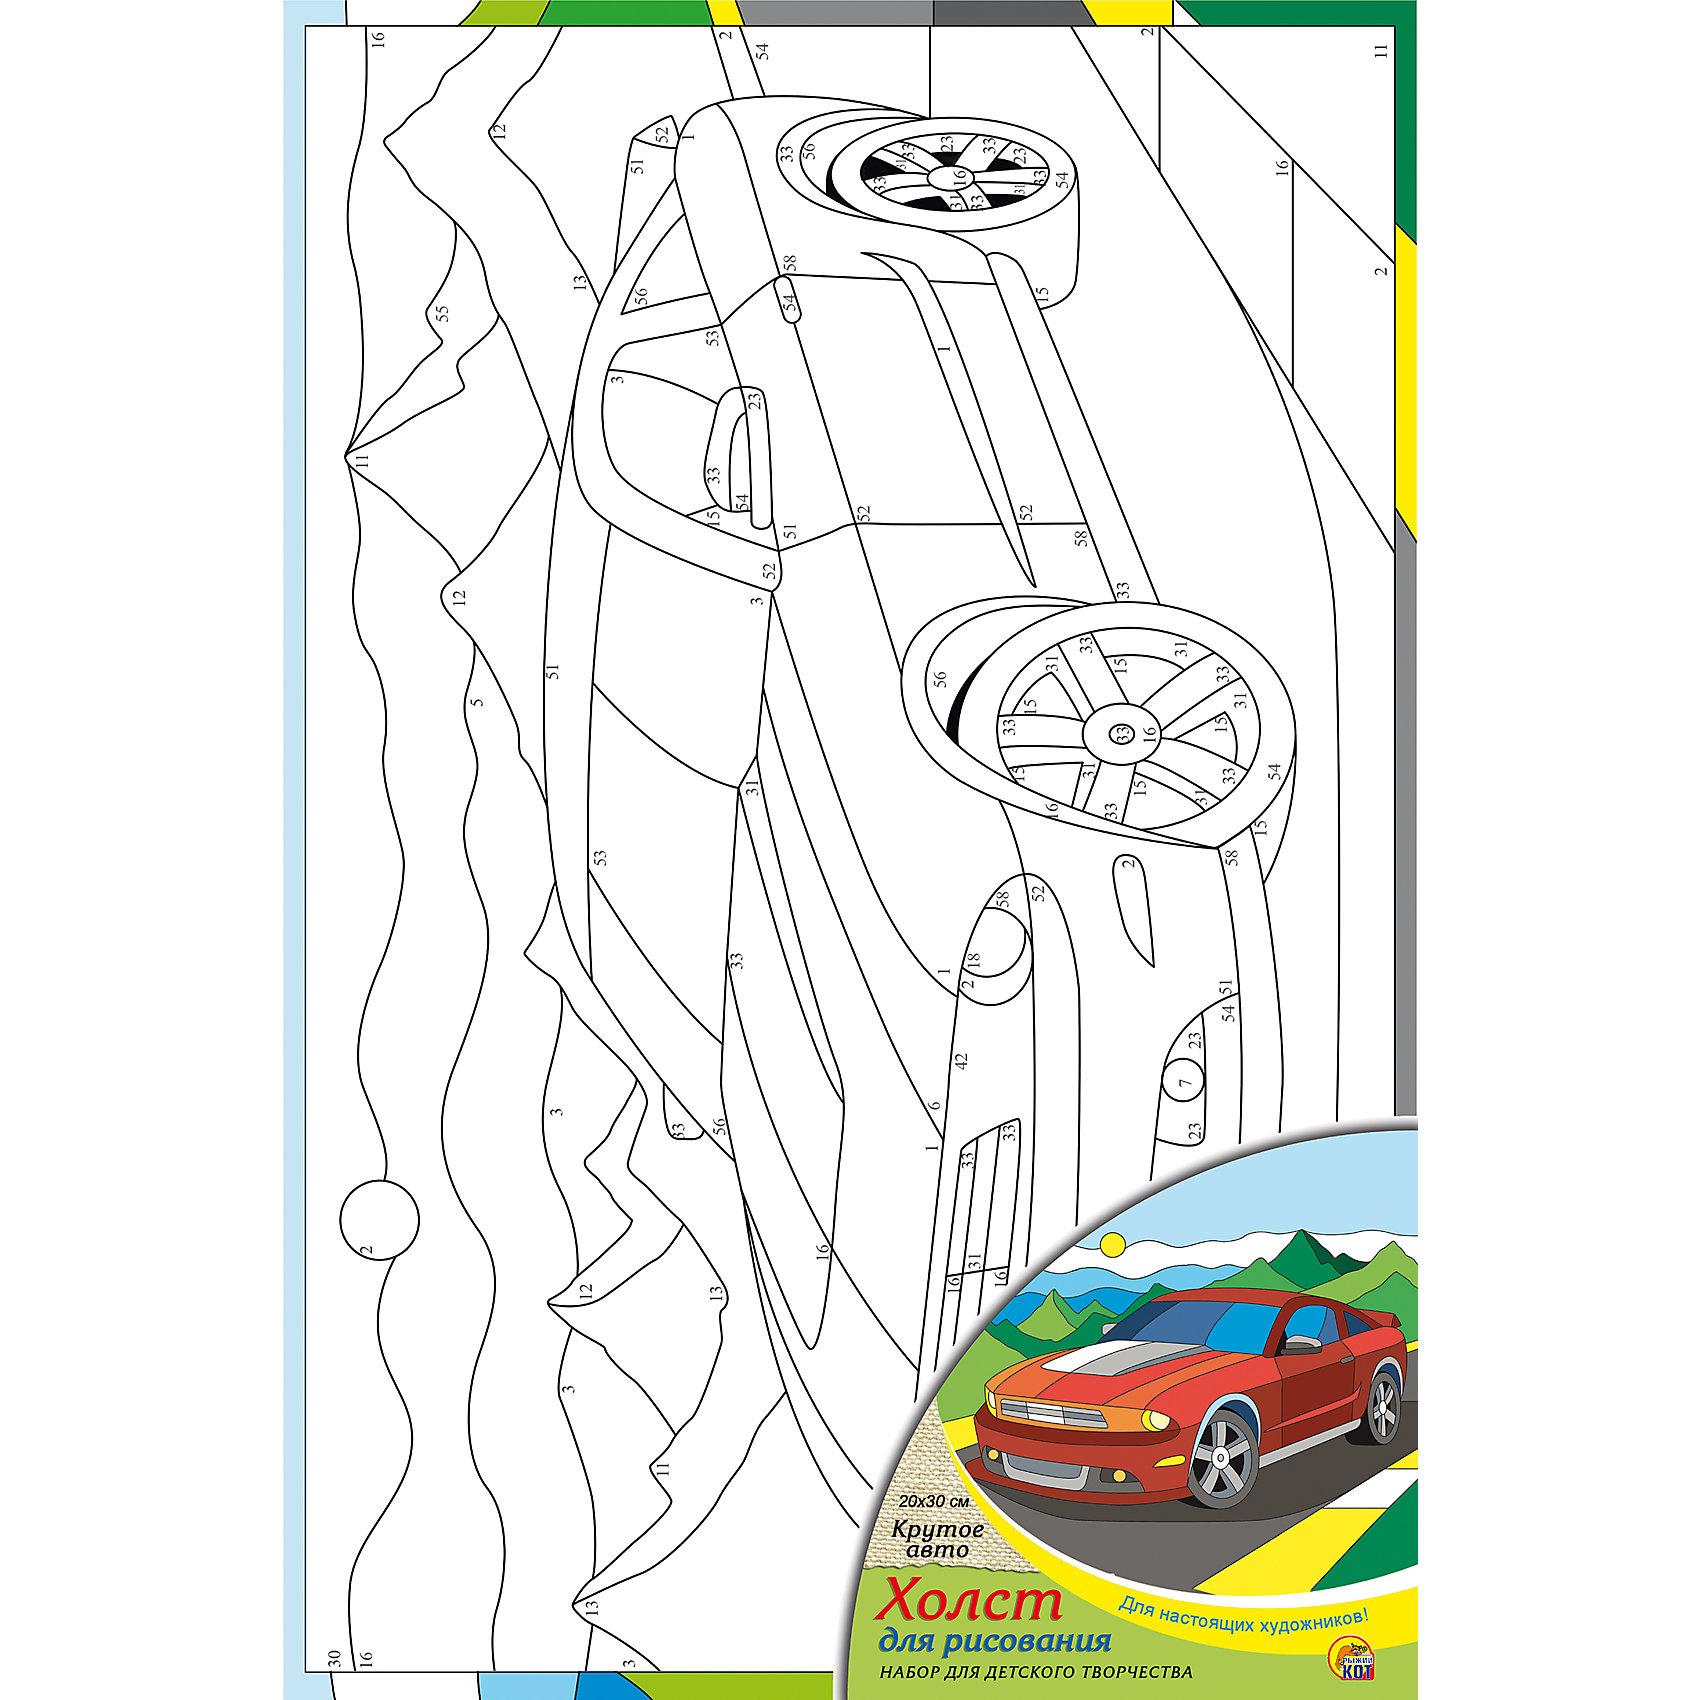 Холст с красками по номерам Крутое авто 20х30 смРисование<br>замечательные наборы для создания уникального шедевра изобразительного искусства. Создание картин на специально подготовленной рабочей поверхности – это уникальная техника, позволяющая делать Ваши шедевры более яркими и реалистичными. Просто нанесите мазки на уже готовый эскиз и оживите картину! Готовые изделия могут стать украшением интерьера или прекрасным подарком близким и друзьям.<br><br>Ширина мм: 200<br>Глубина мм: 300<br>Высота мм: 15<br>Вес г: 933<br>Возраст от месяцев: 36<br>Возраст до месяцев: 108<br>Пол: Унисекс<br>Возраст: Детский<br>SKU: 5096742